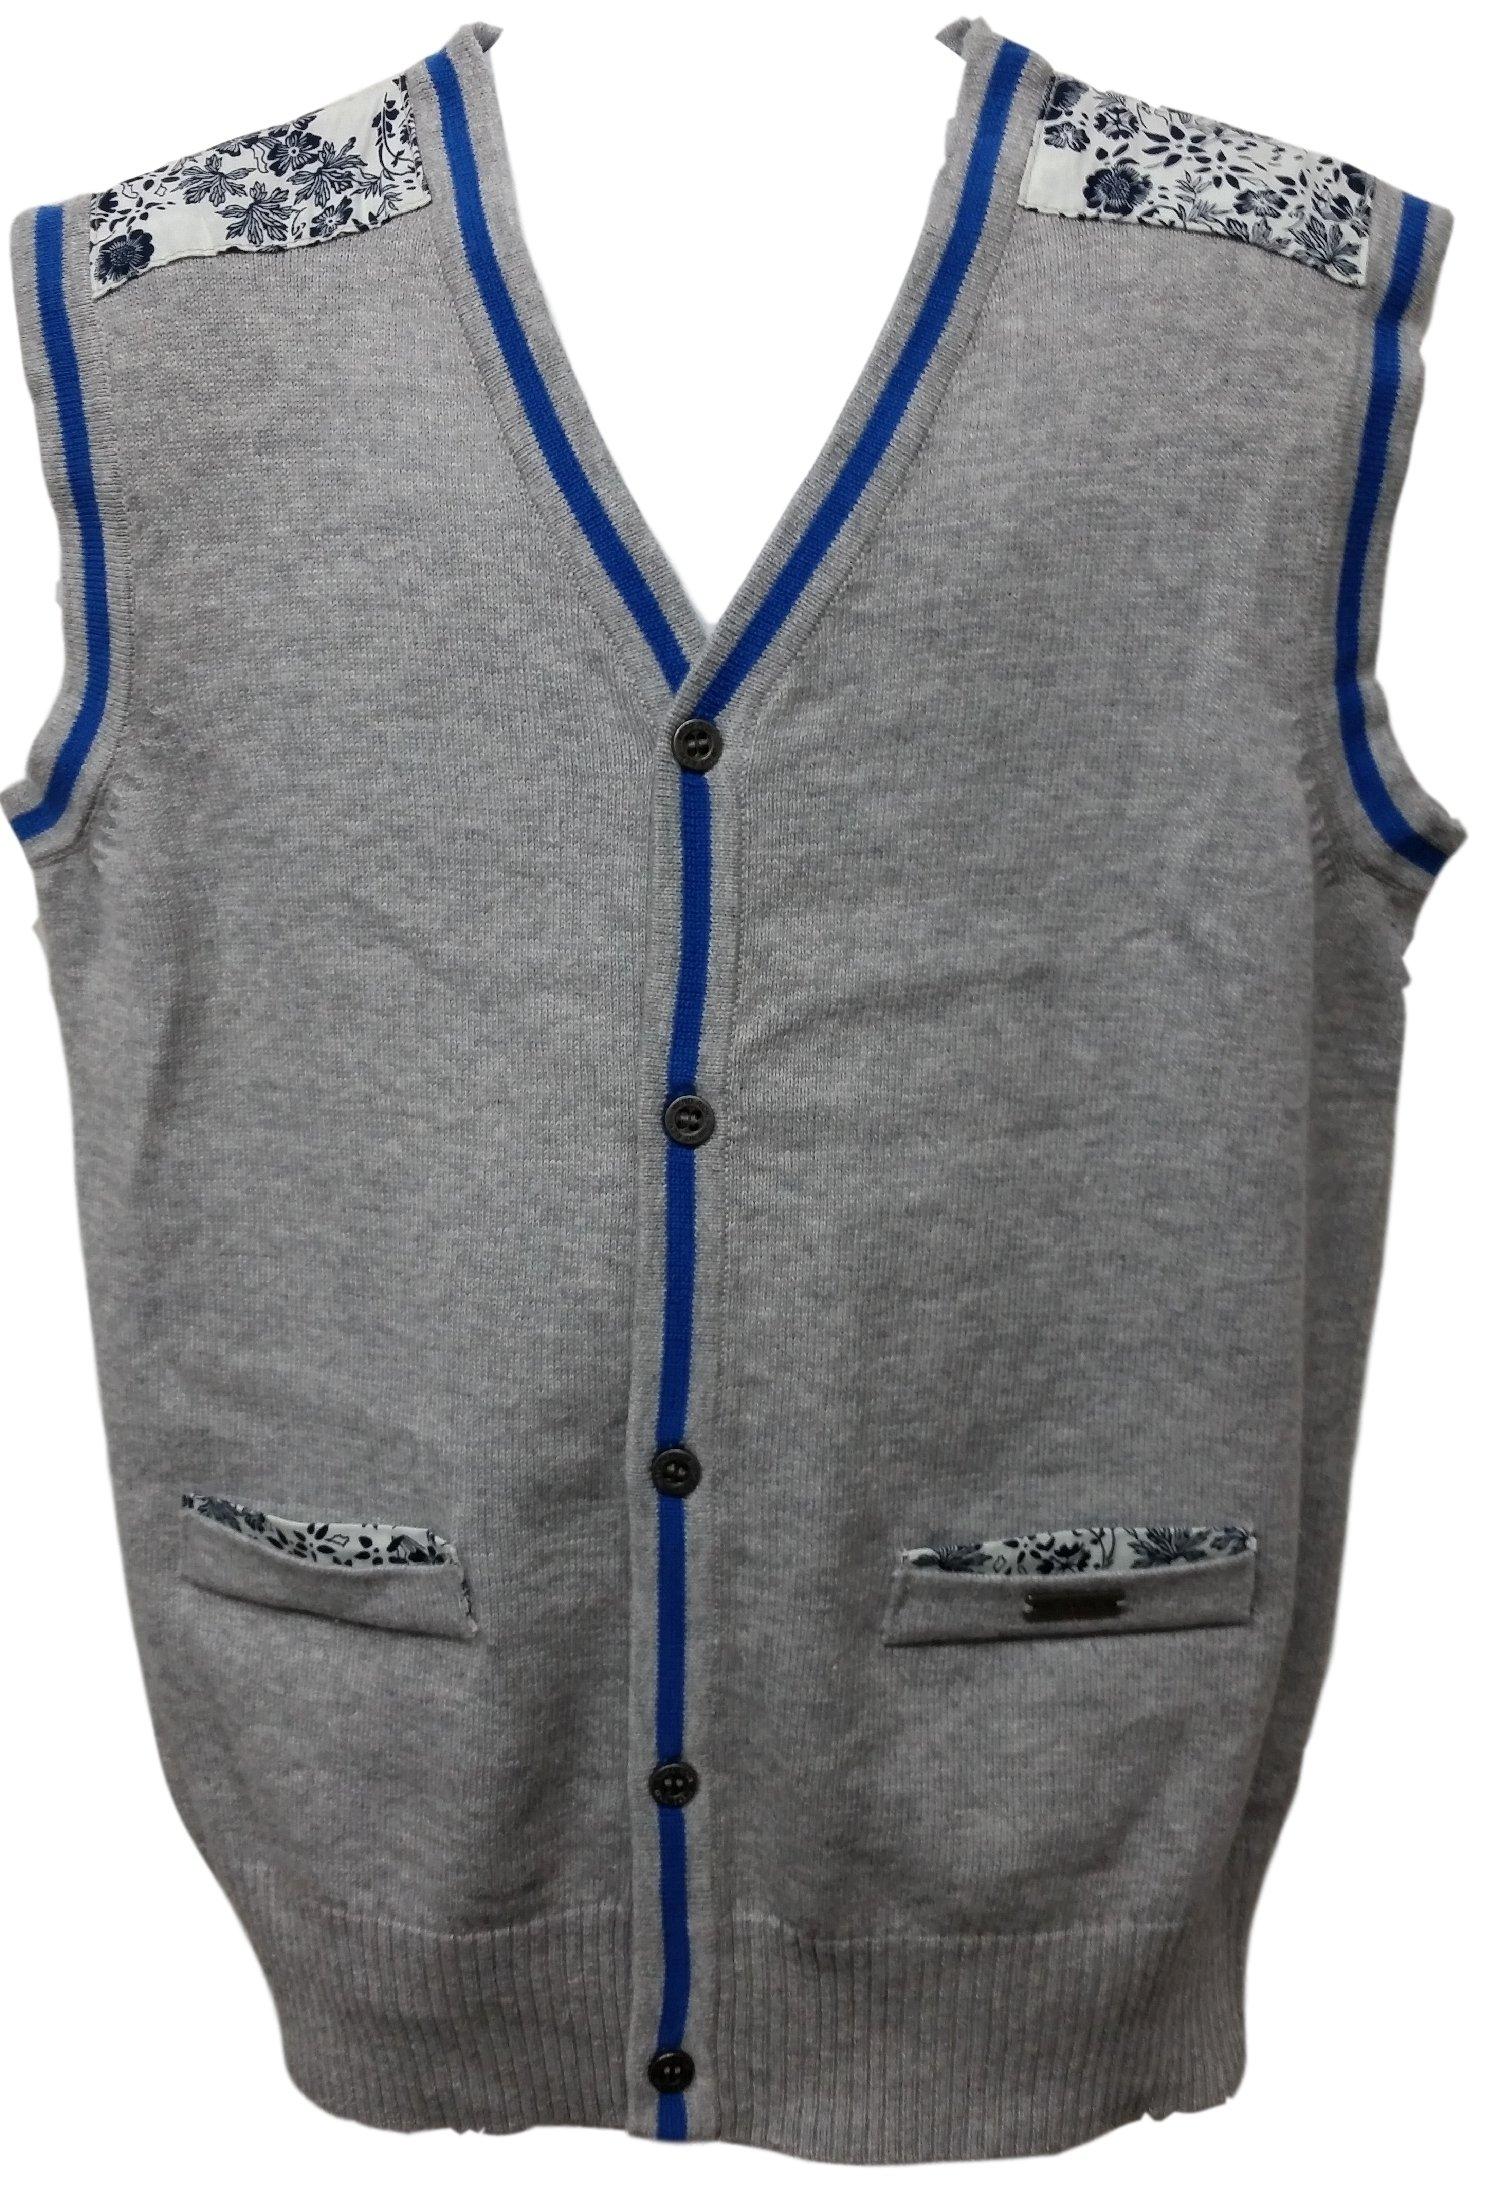 Viero Richi Boy's Sweater Vest 100% Cotton 2293G (12, Grey)